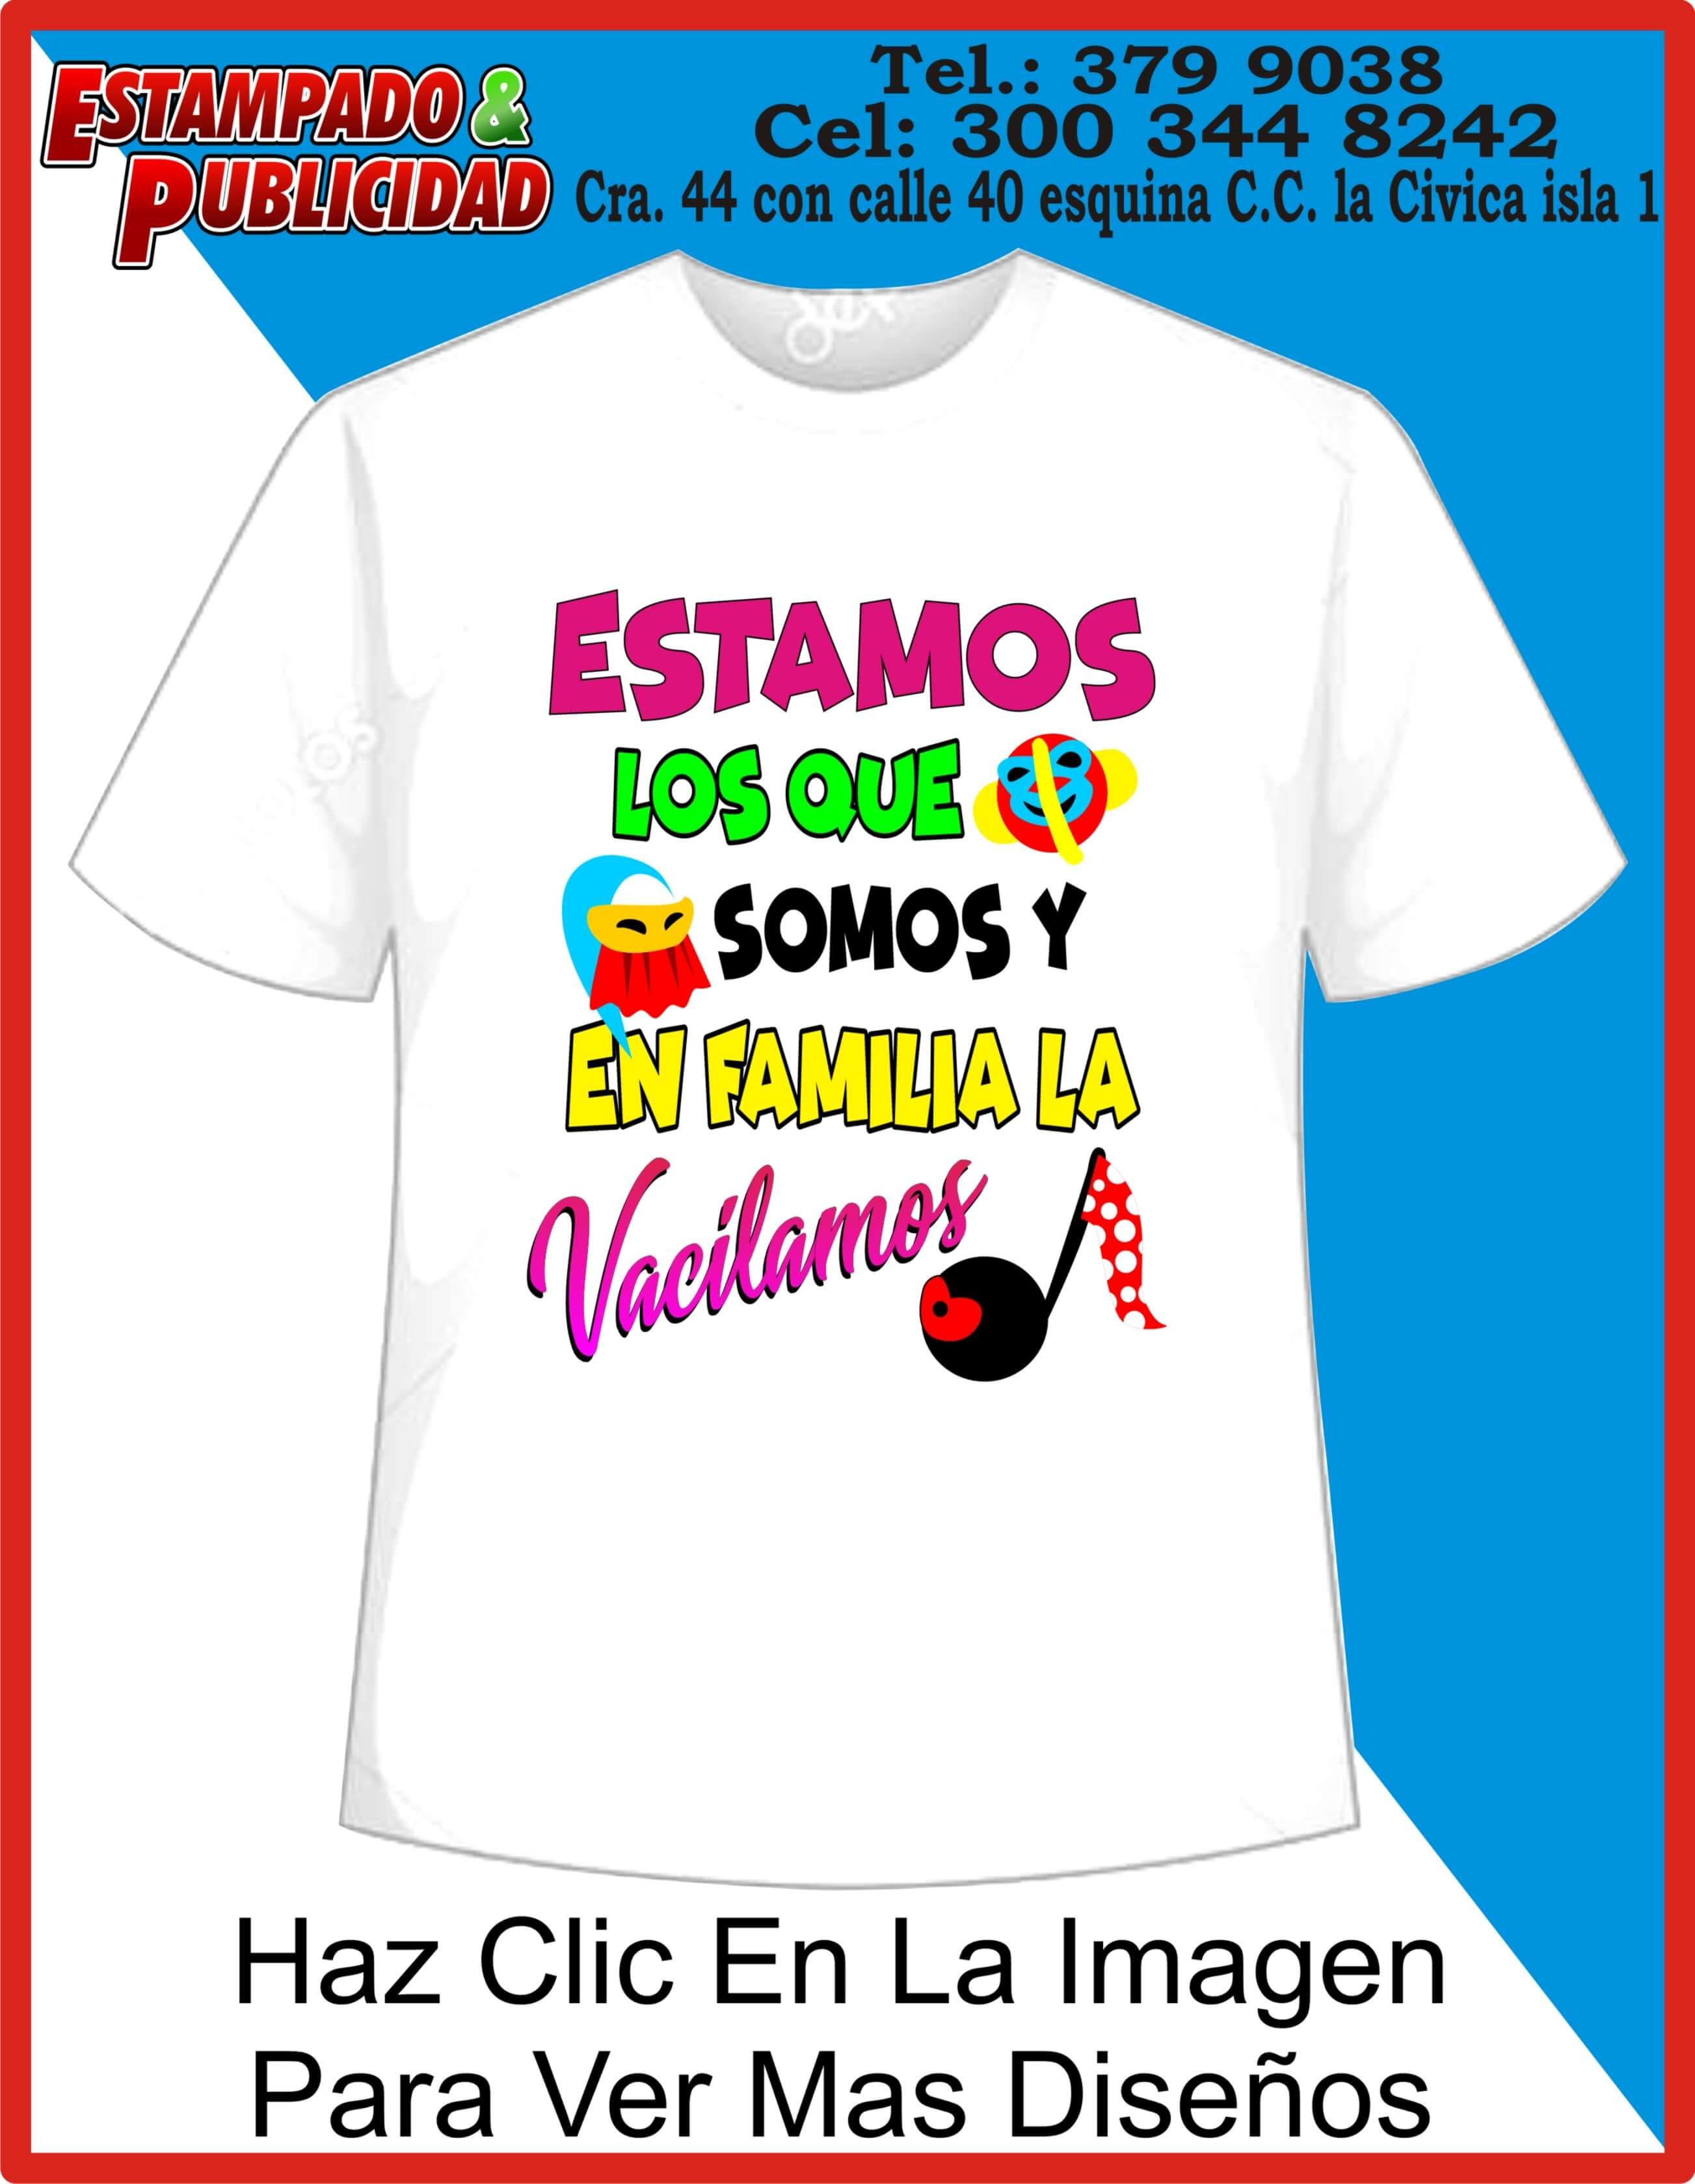 c0e4107d464 Camisas de carnaval 16 - Estampado y Publicidad